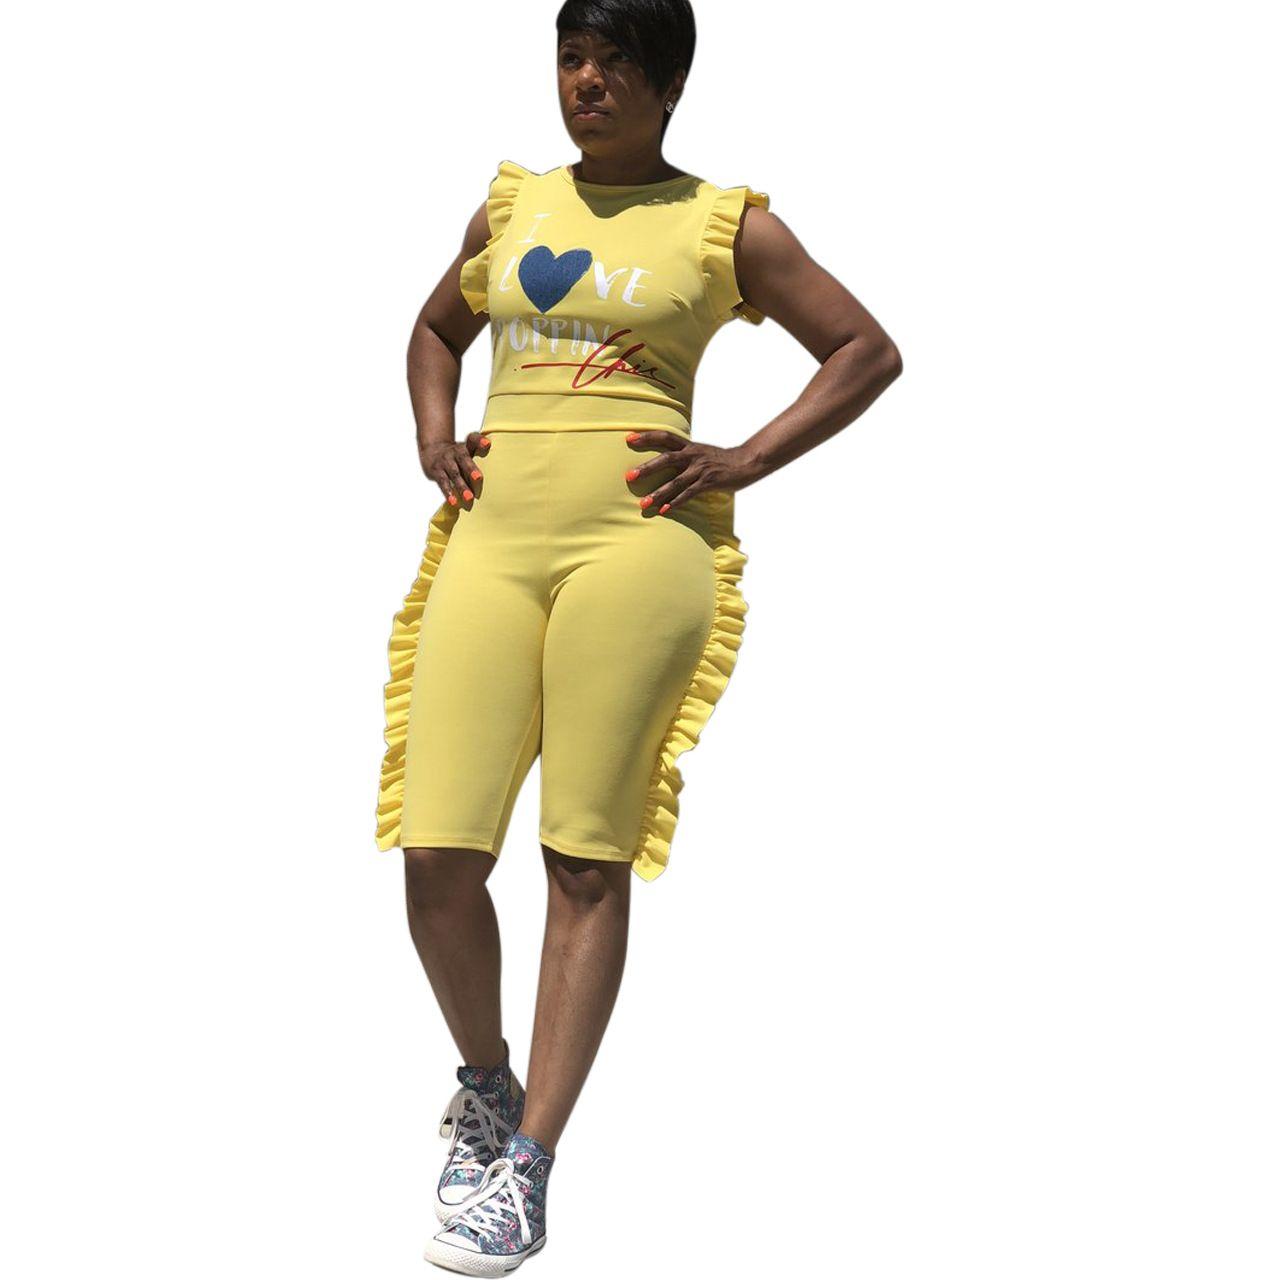 Verão 2020 Plus Size Jumpsuit Mulheres macacãozinho mulheres Macacões Mulher Corpo Jumpsuite Macacões Bodysuit Sexy M820